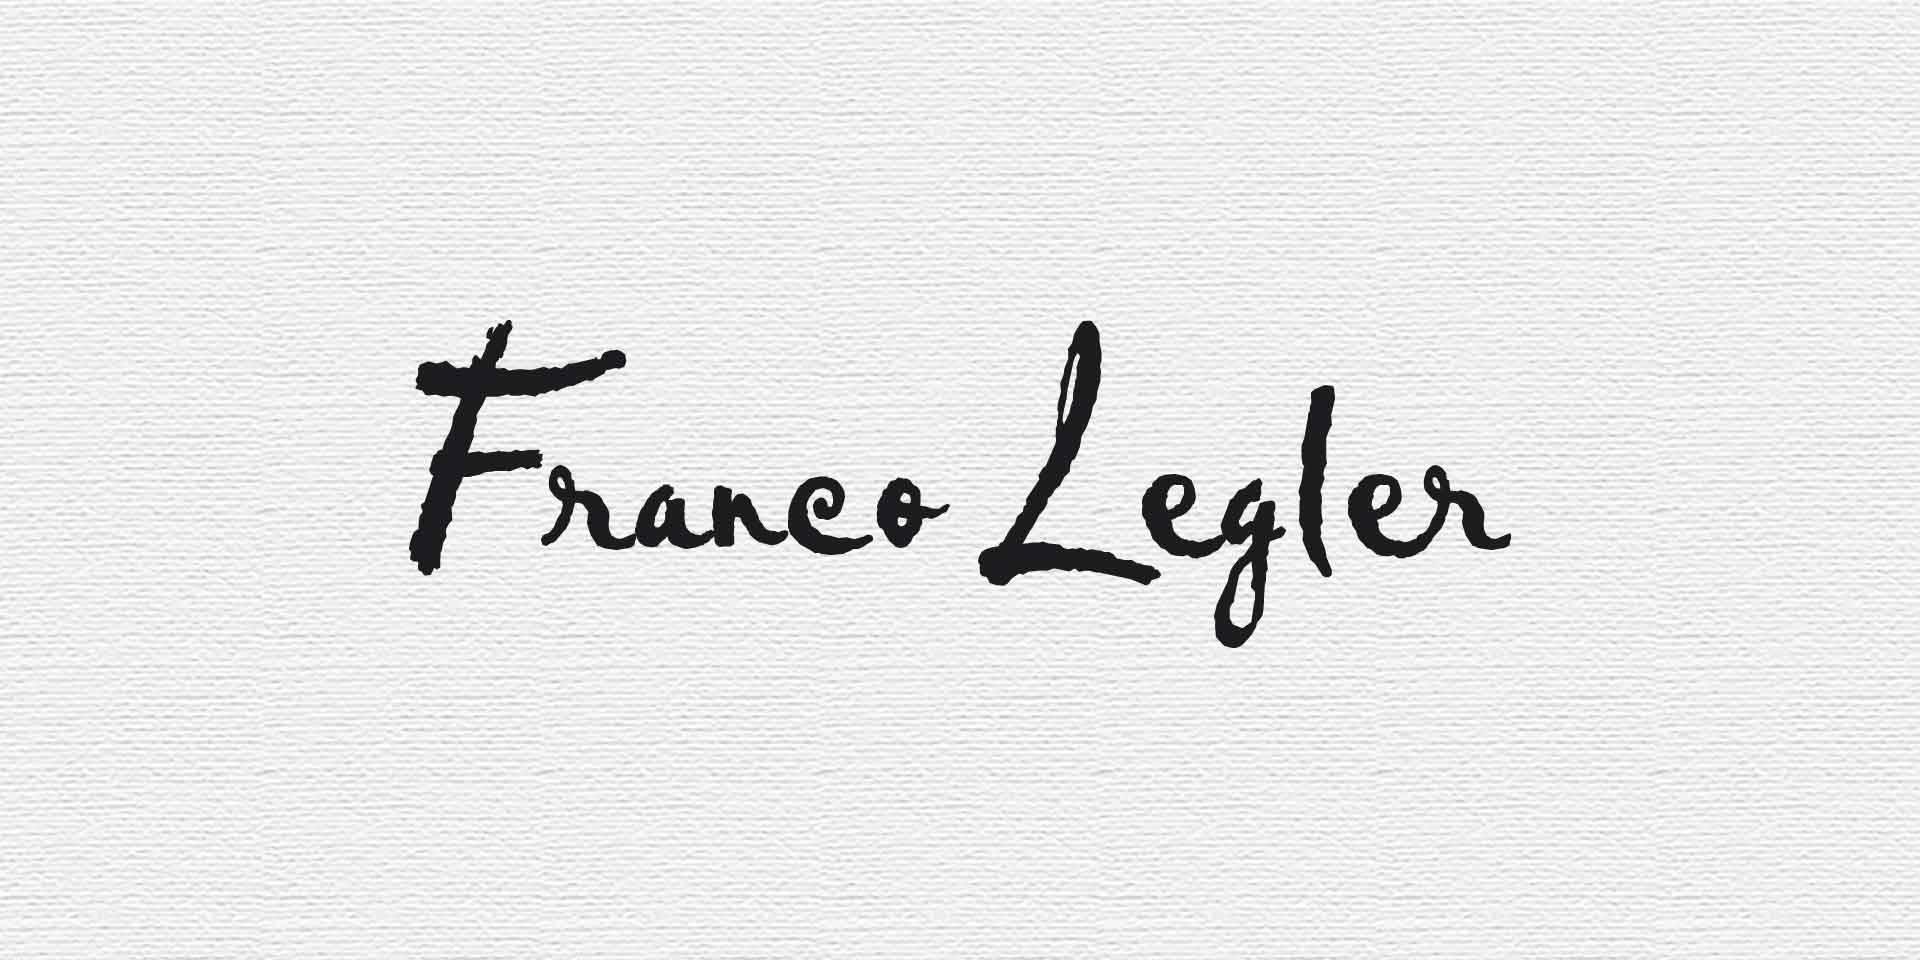 Franco Legler